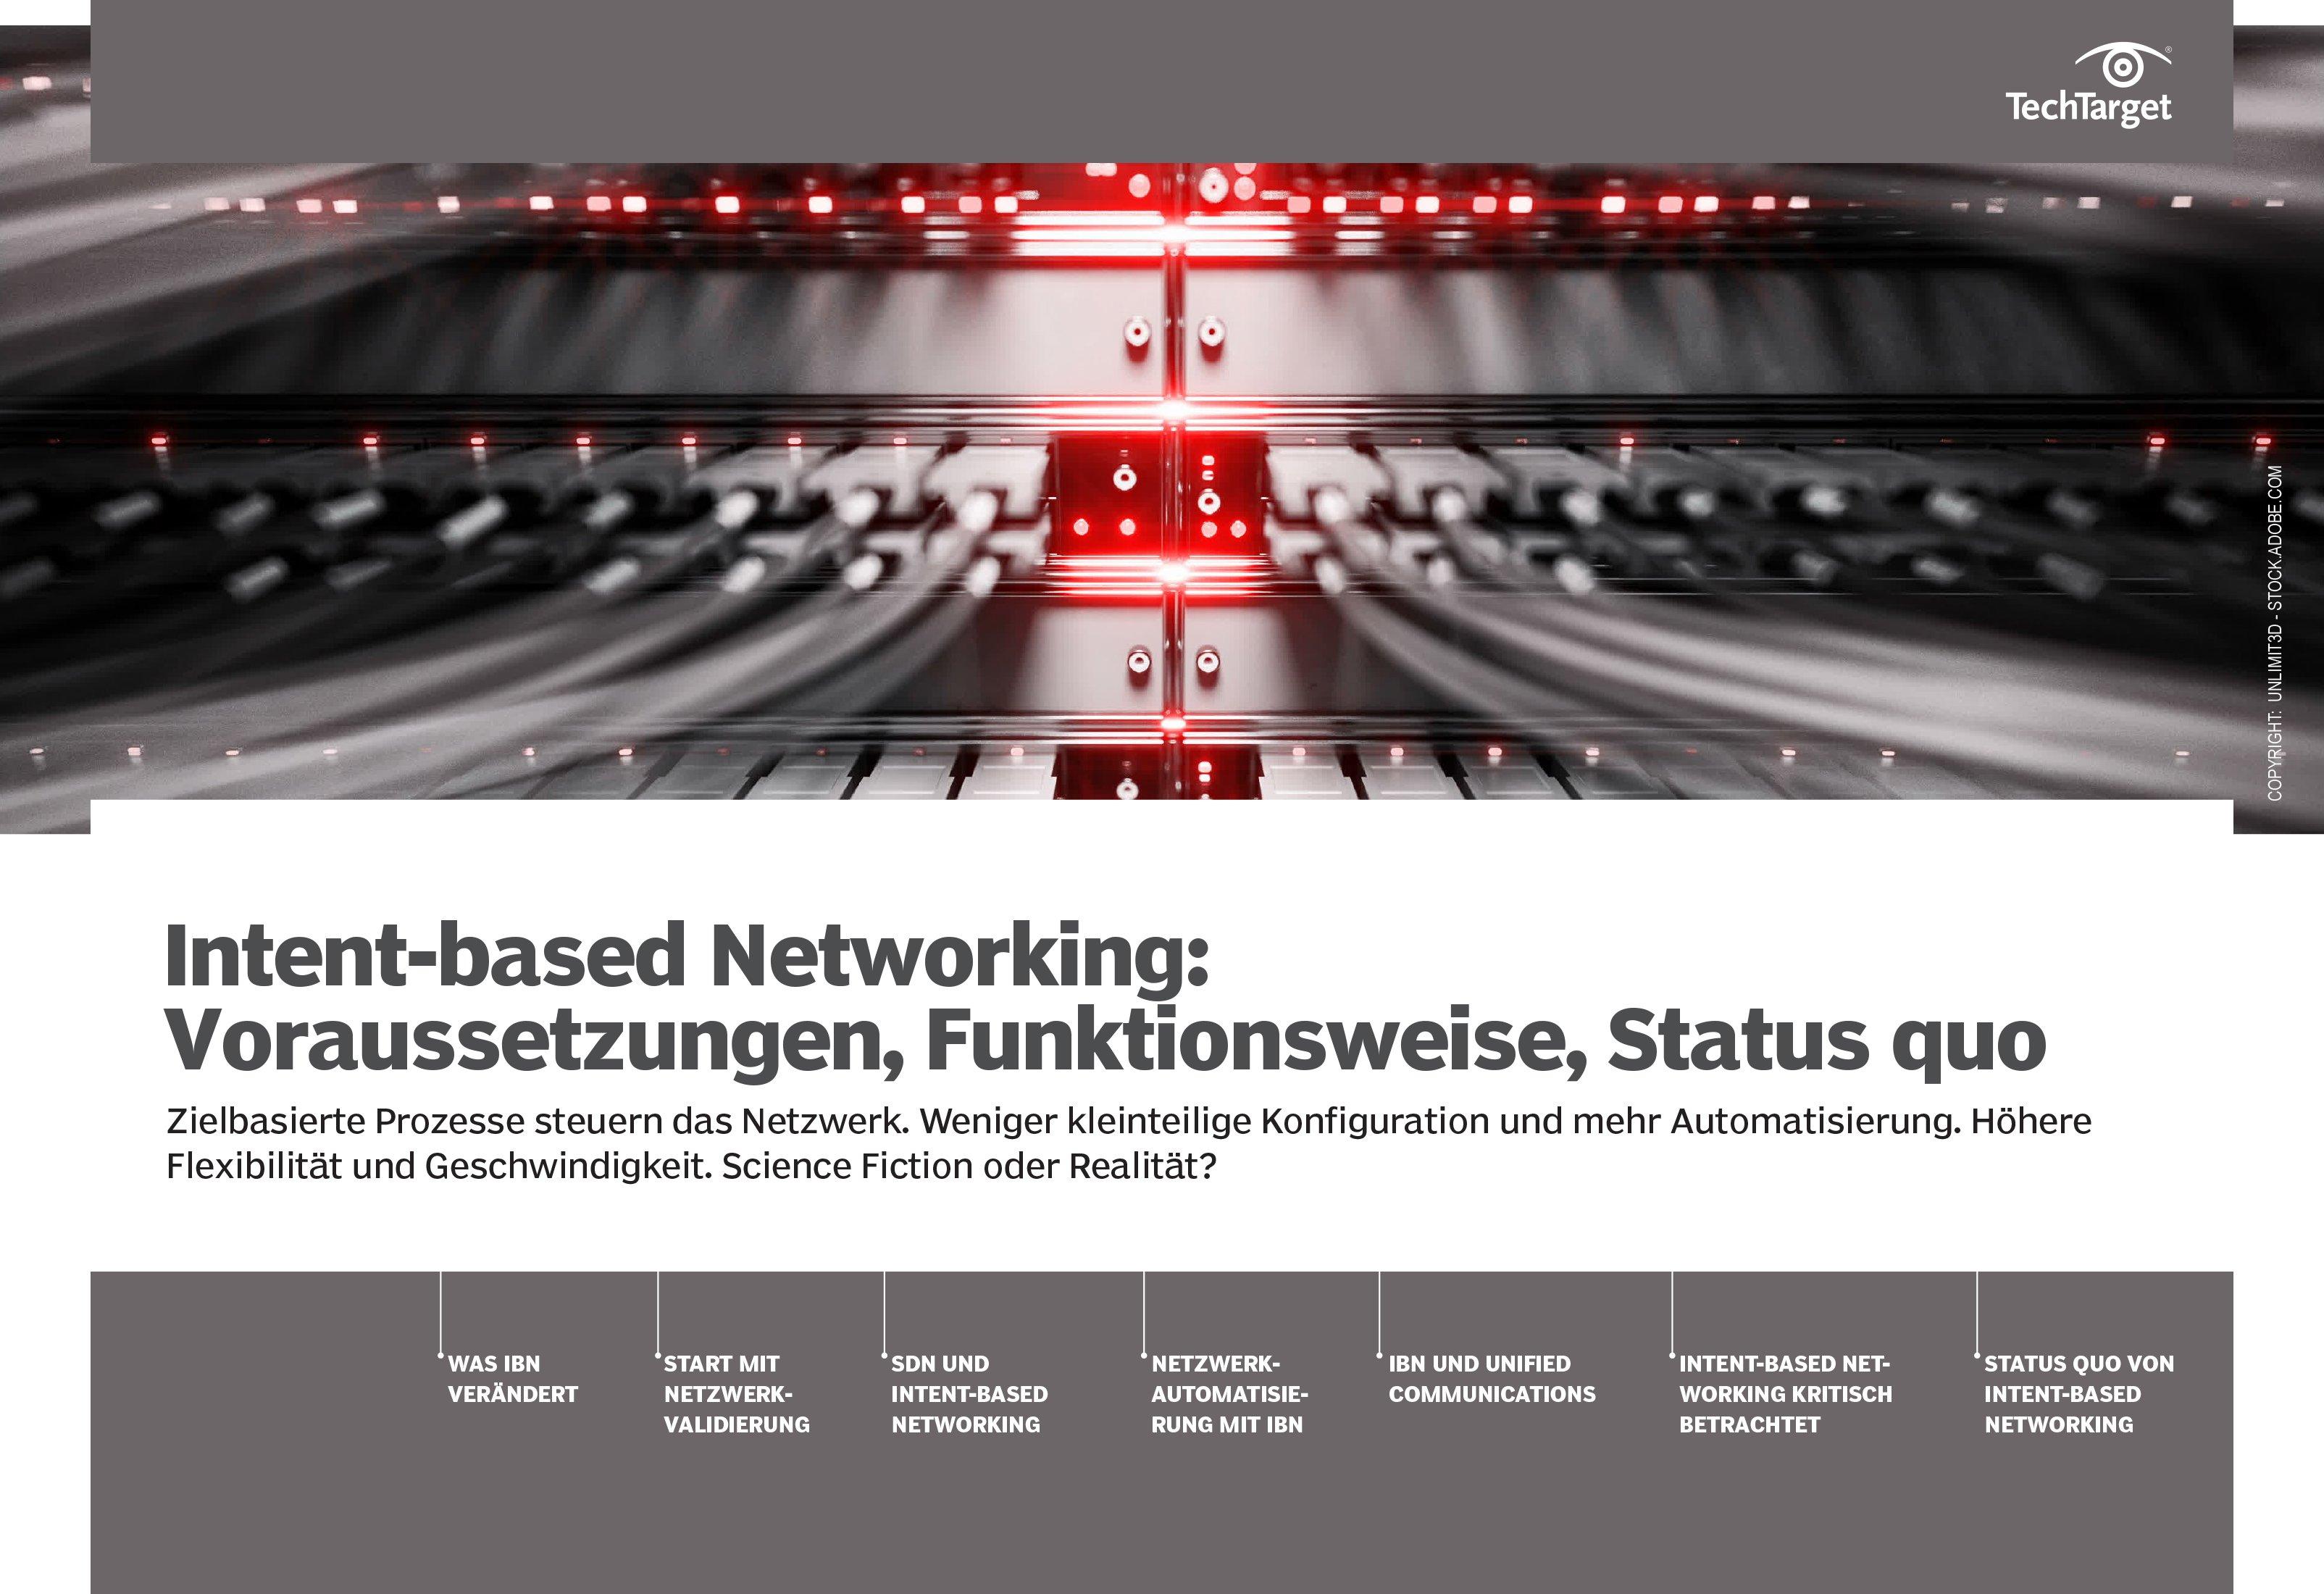 Das Gratis eBook bietet Ihnen auf 38 Seiten Grundlagen und Analysen zu Intent-based Networking.